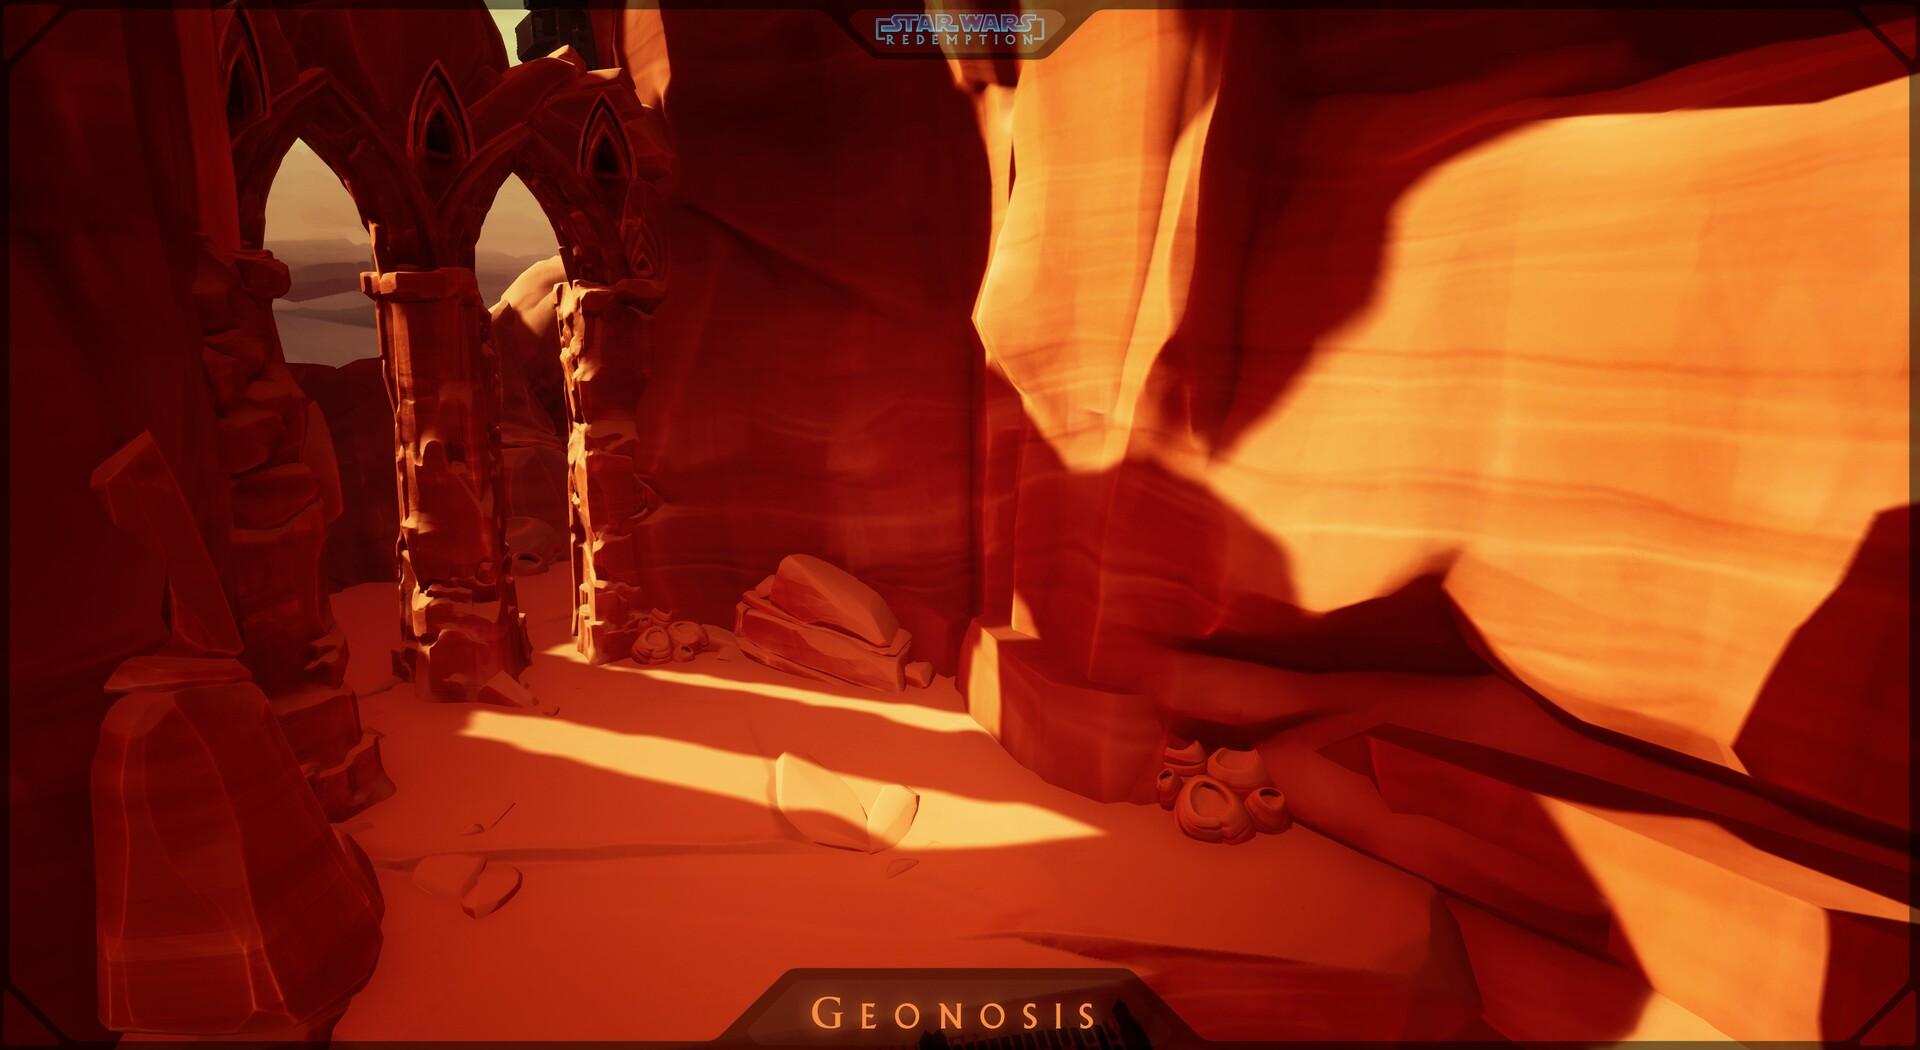 Etienne beschet swr screenshot geonosis 04